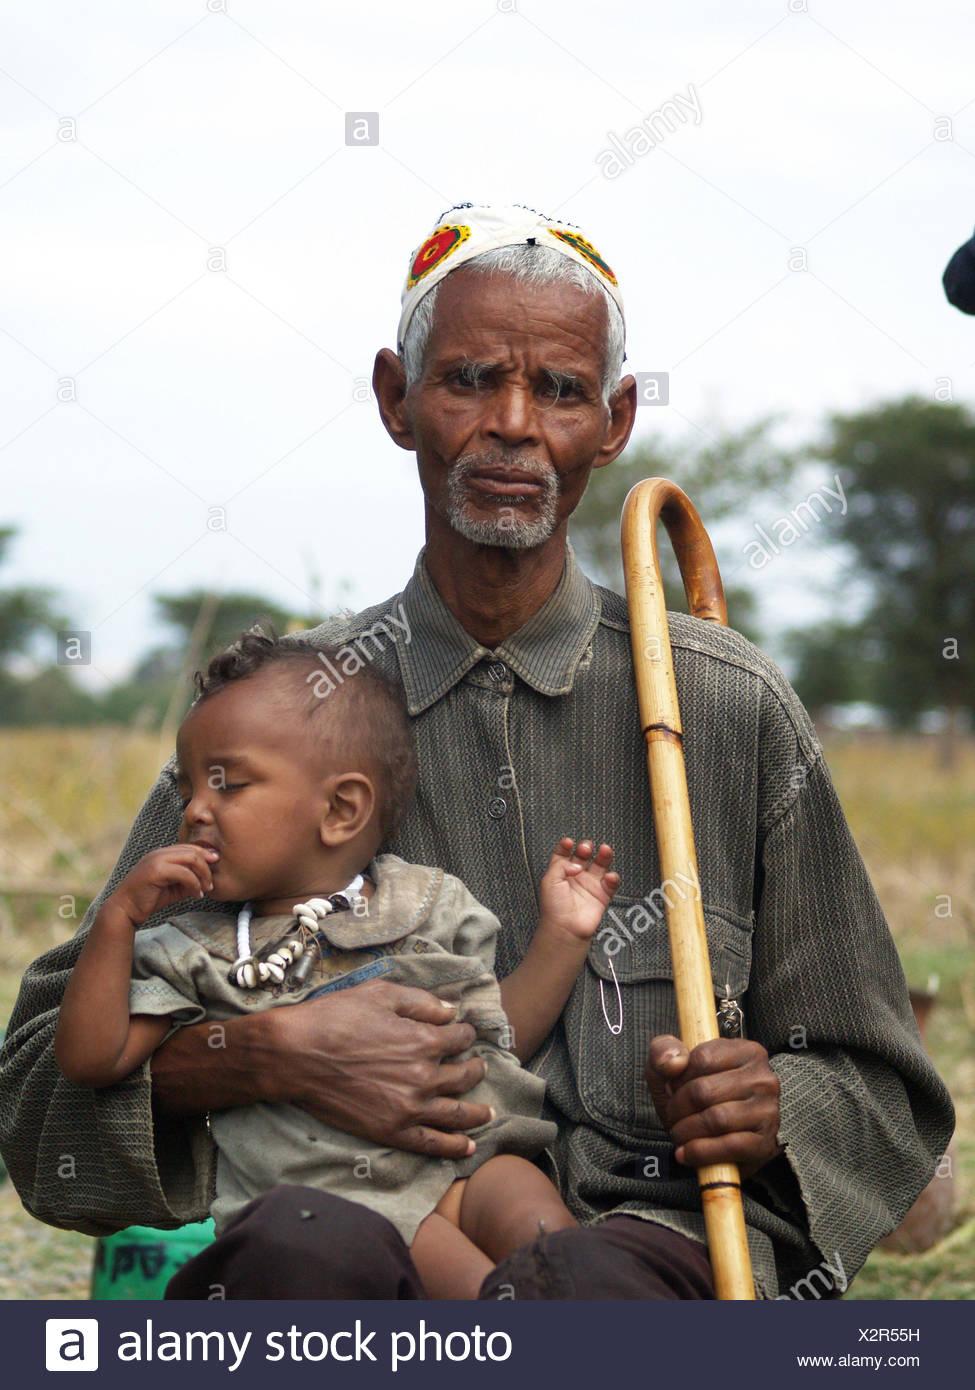 Uomo vecchio con un neonato in Uganda, Uganda Immagini Stock